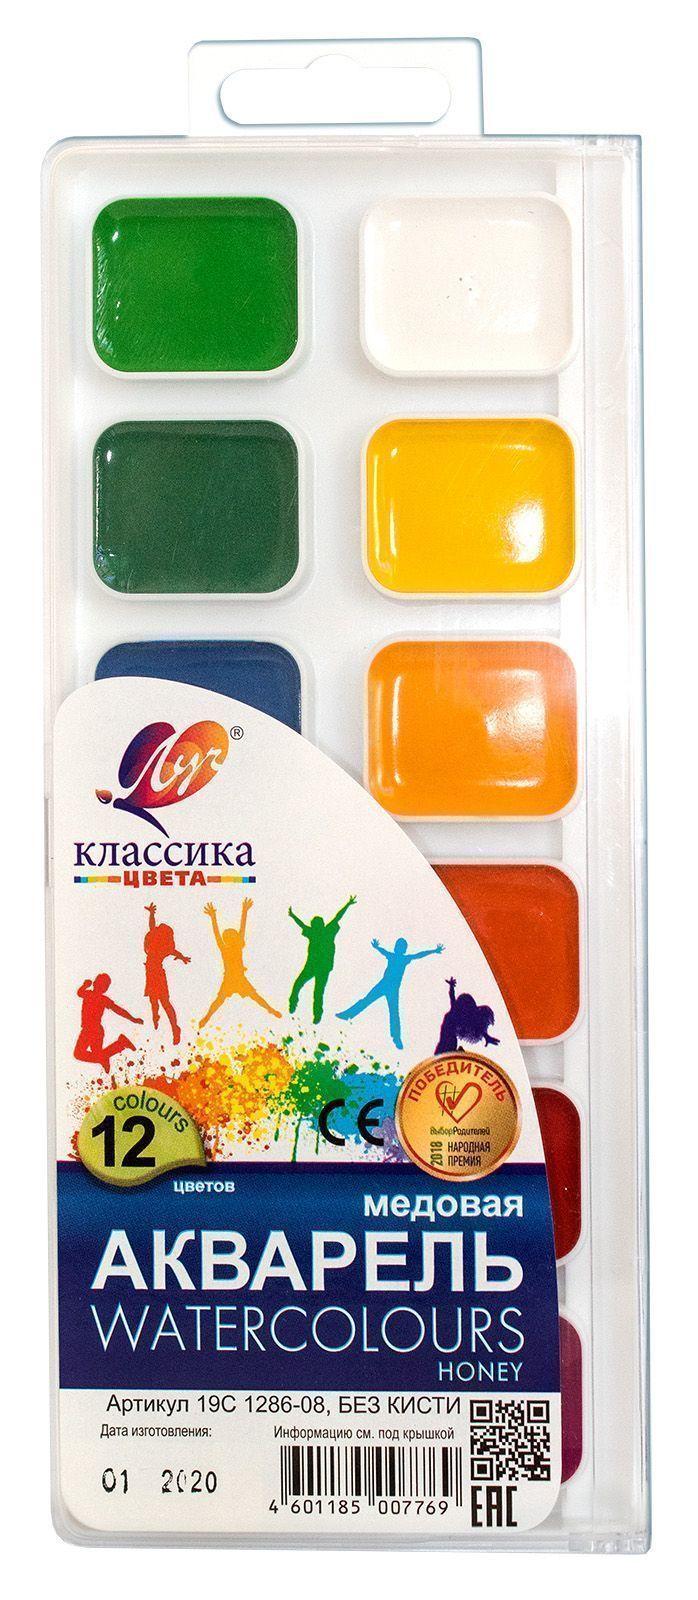 Акварель ЛУЧ КЛАССИКА 12 цветов, пластиковая упаковка, без кисти, европодвес